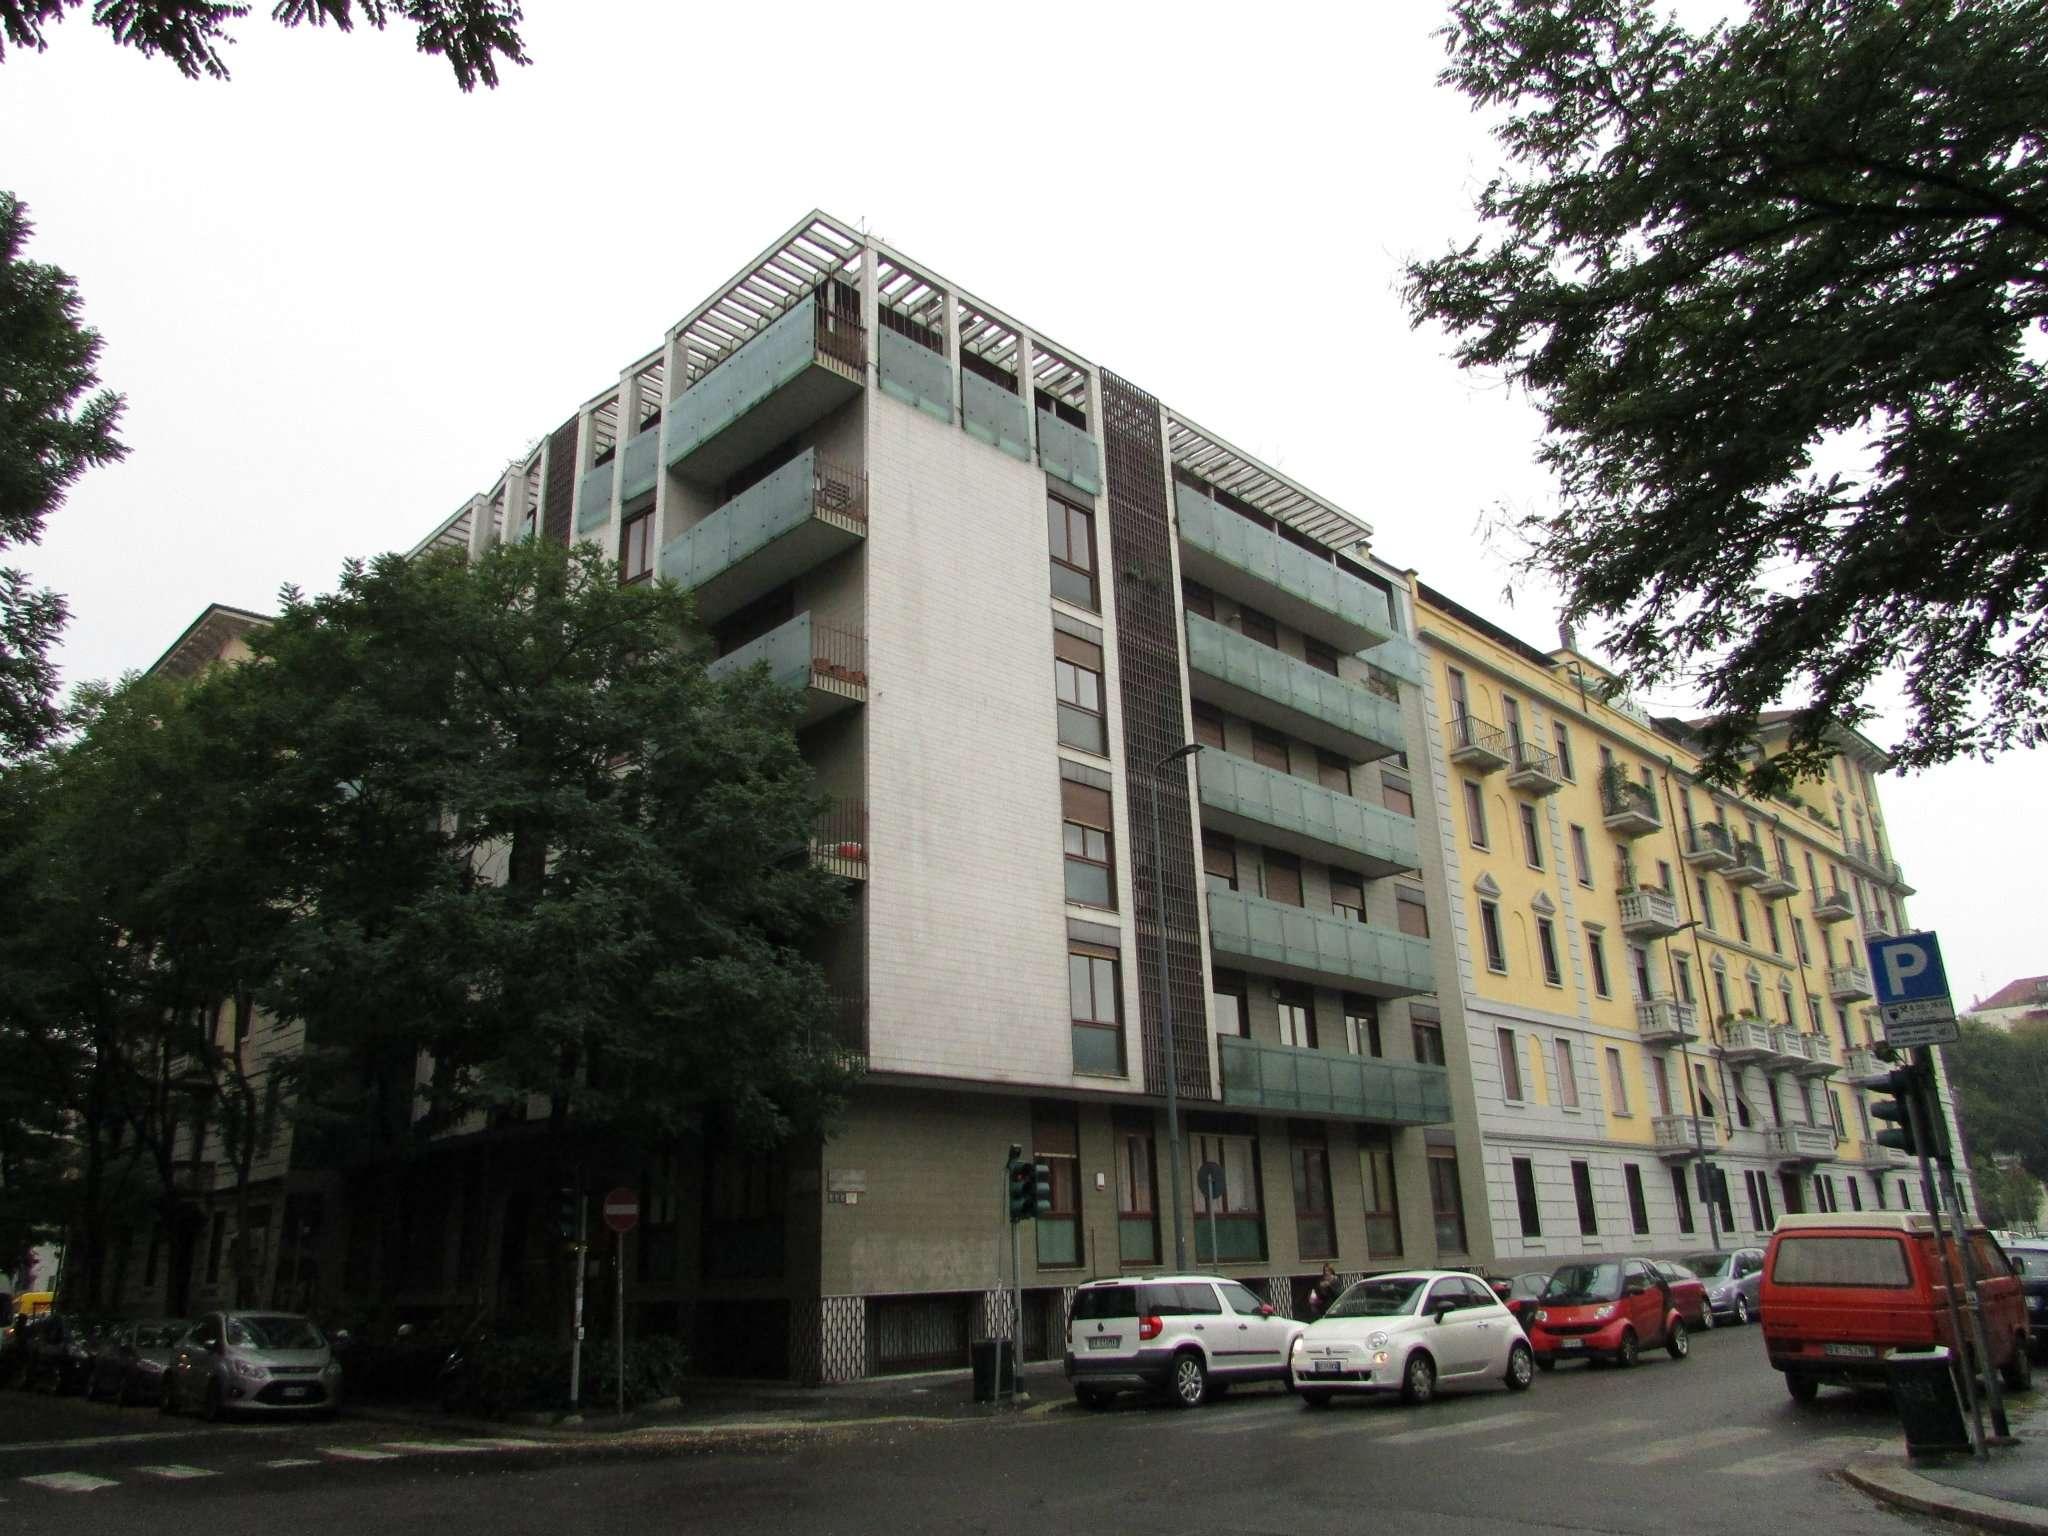 Appartamento in vendita a Milano, 4 locali, zona Zona: 5 . Citta' Studi, Lambrate, Udine, Loreto, Piola, Ortica, prezzo € 550.000 | CambioCasa.it